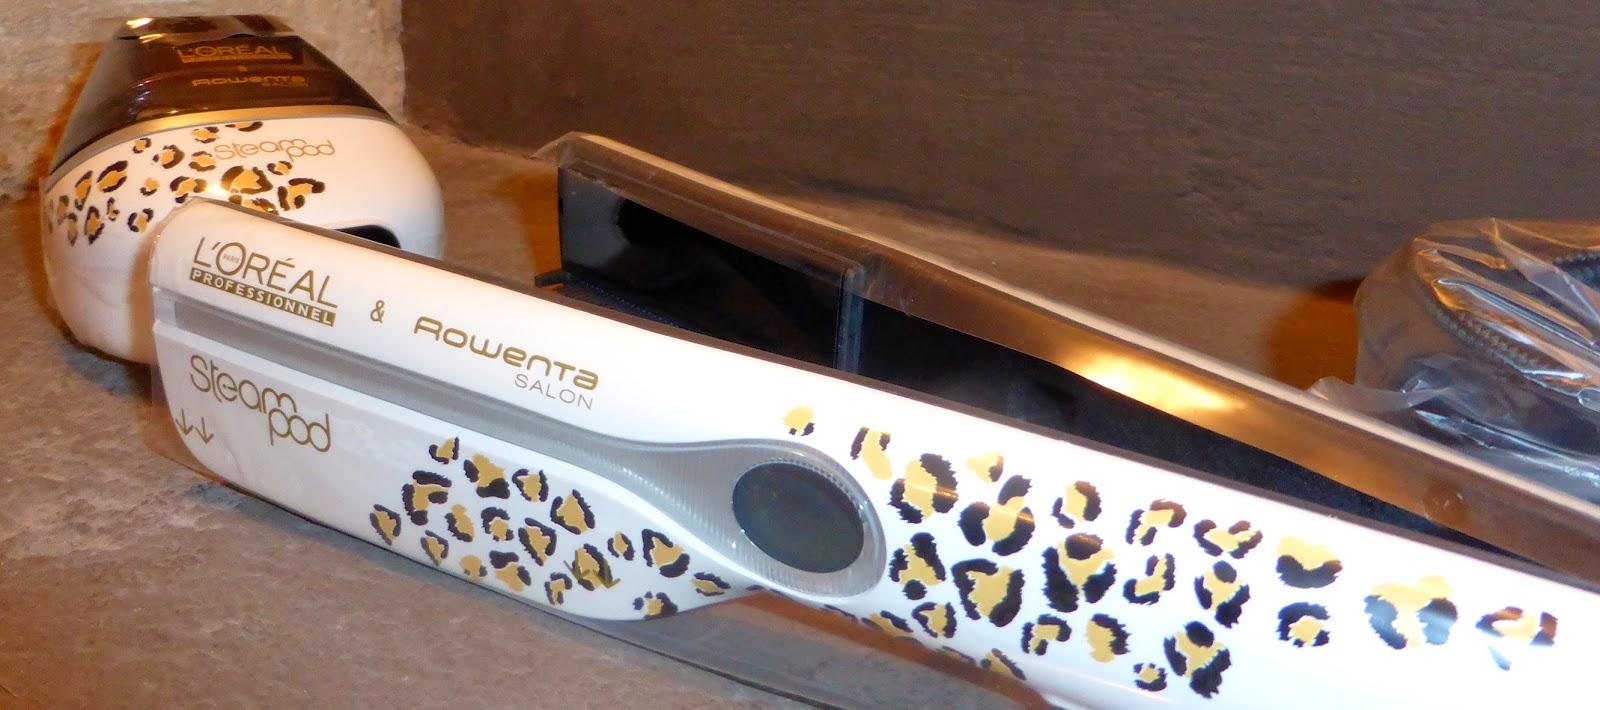 Le Steampod Safari version léopard, en série limitée au Studio 54.